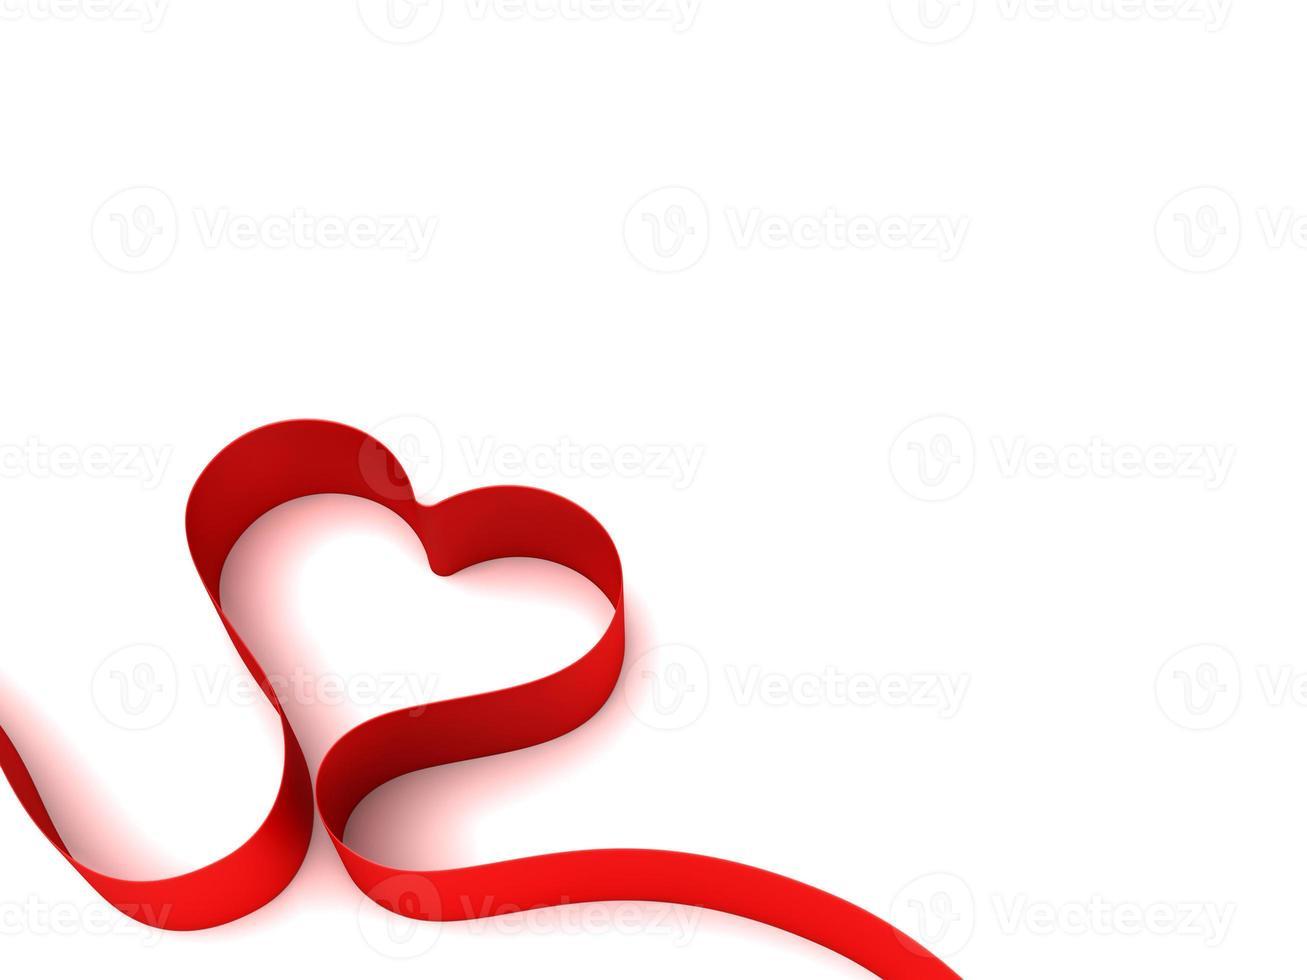 hartvorm gevormd door een rood lint foto